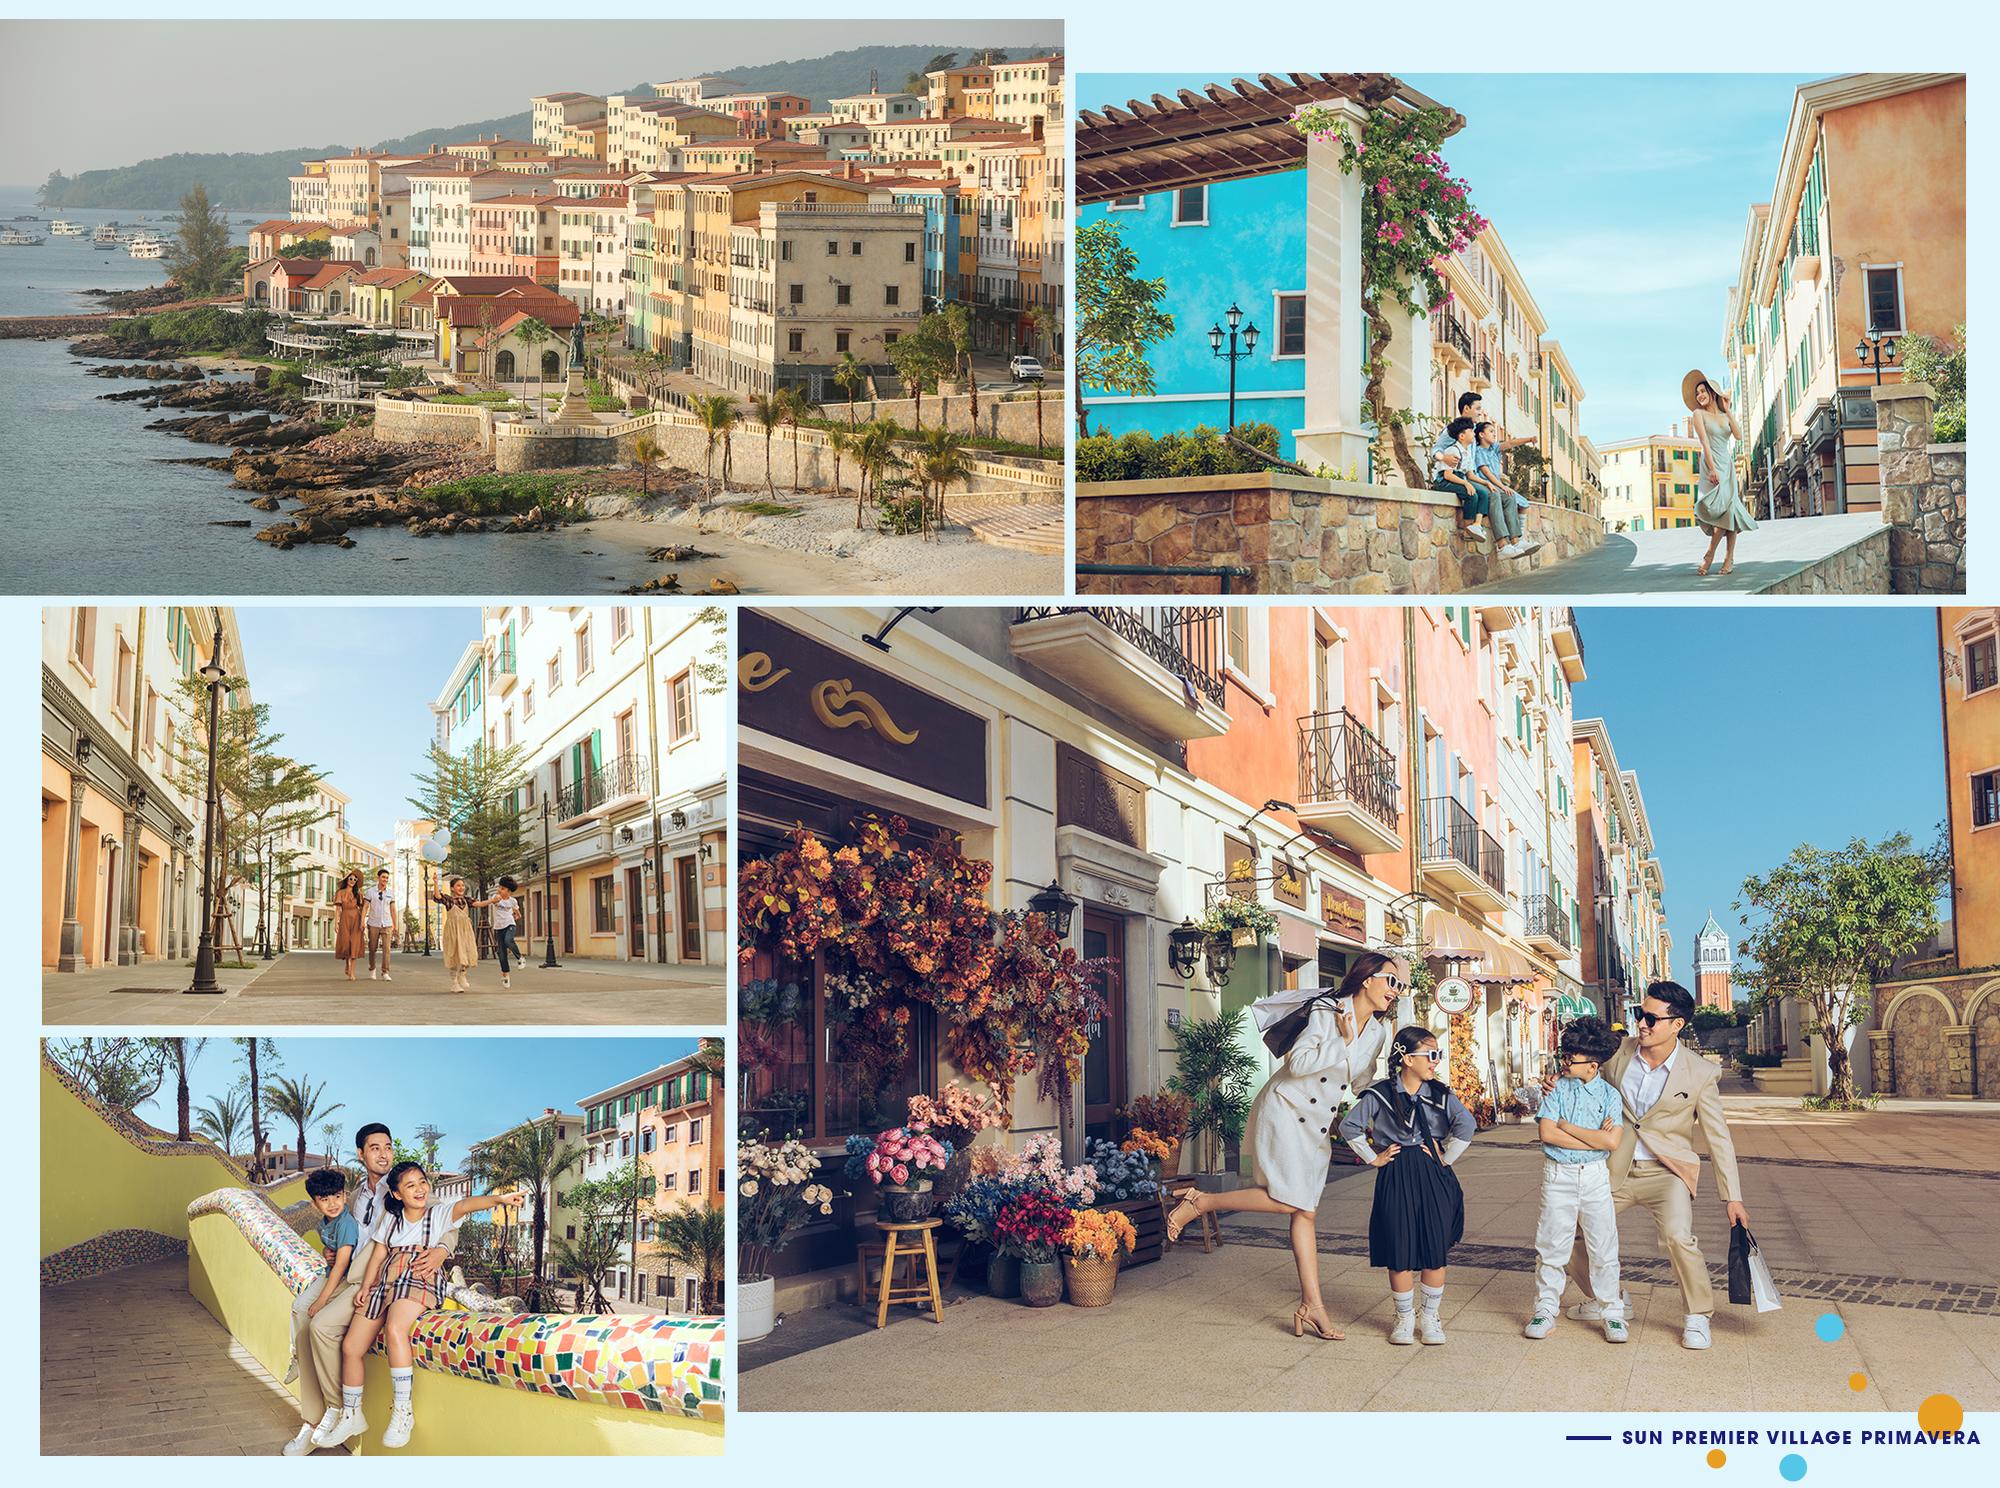 Chức năng chính của Phú Quốc vẫn là một trung tâm du lịch quốc tế, với các điều kiện để phát triển thành trung tâm du lịch cao cấp và siêu cao cấp tại vùng đảo ở phía Nam